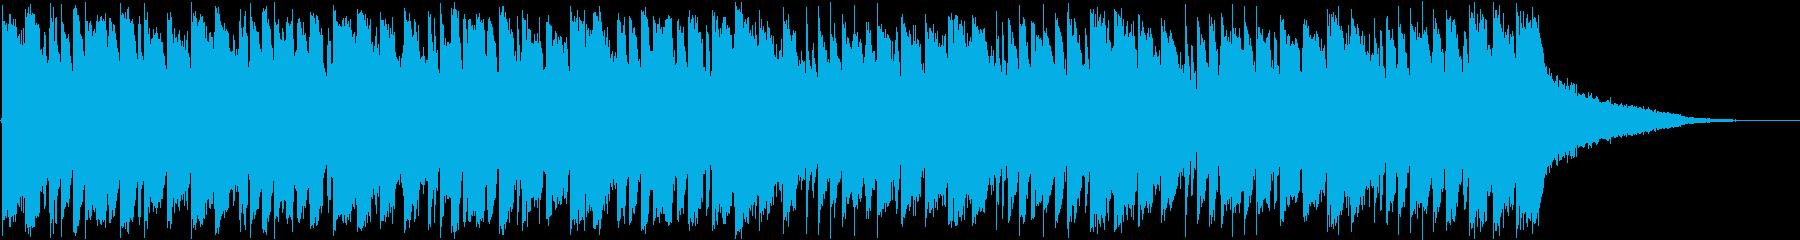 対決・決闘・戦い・ロックの再生済みの波形